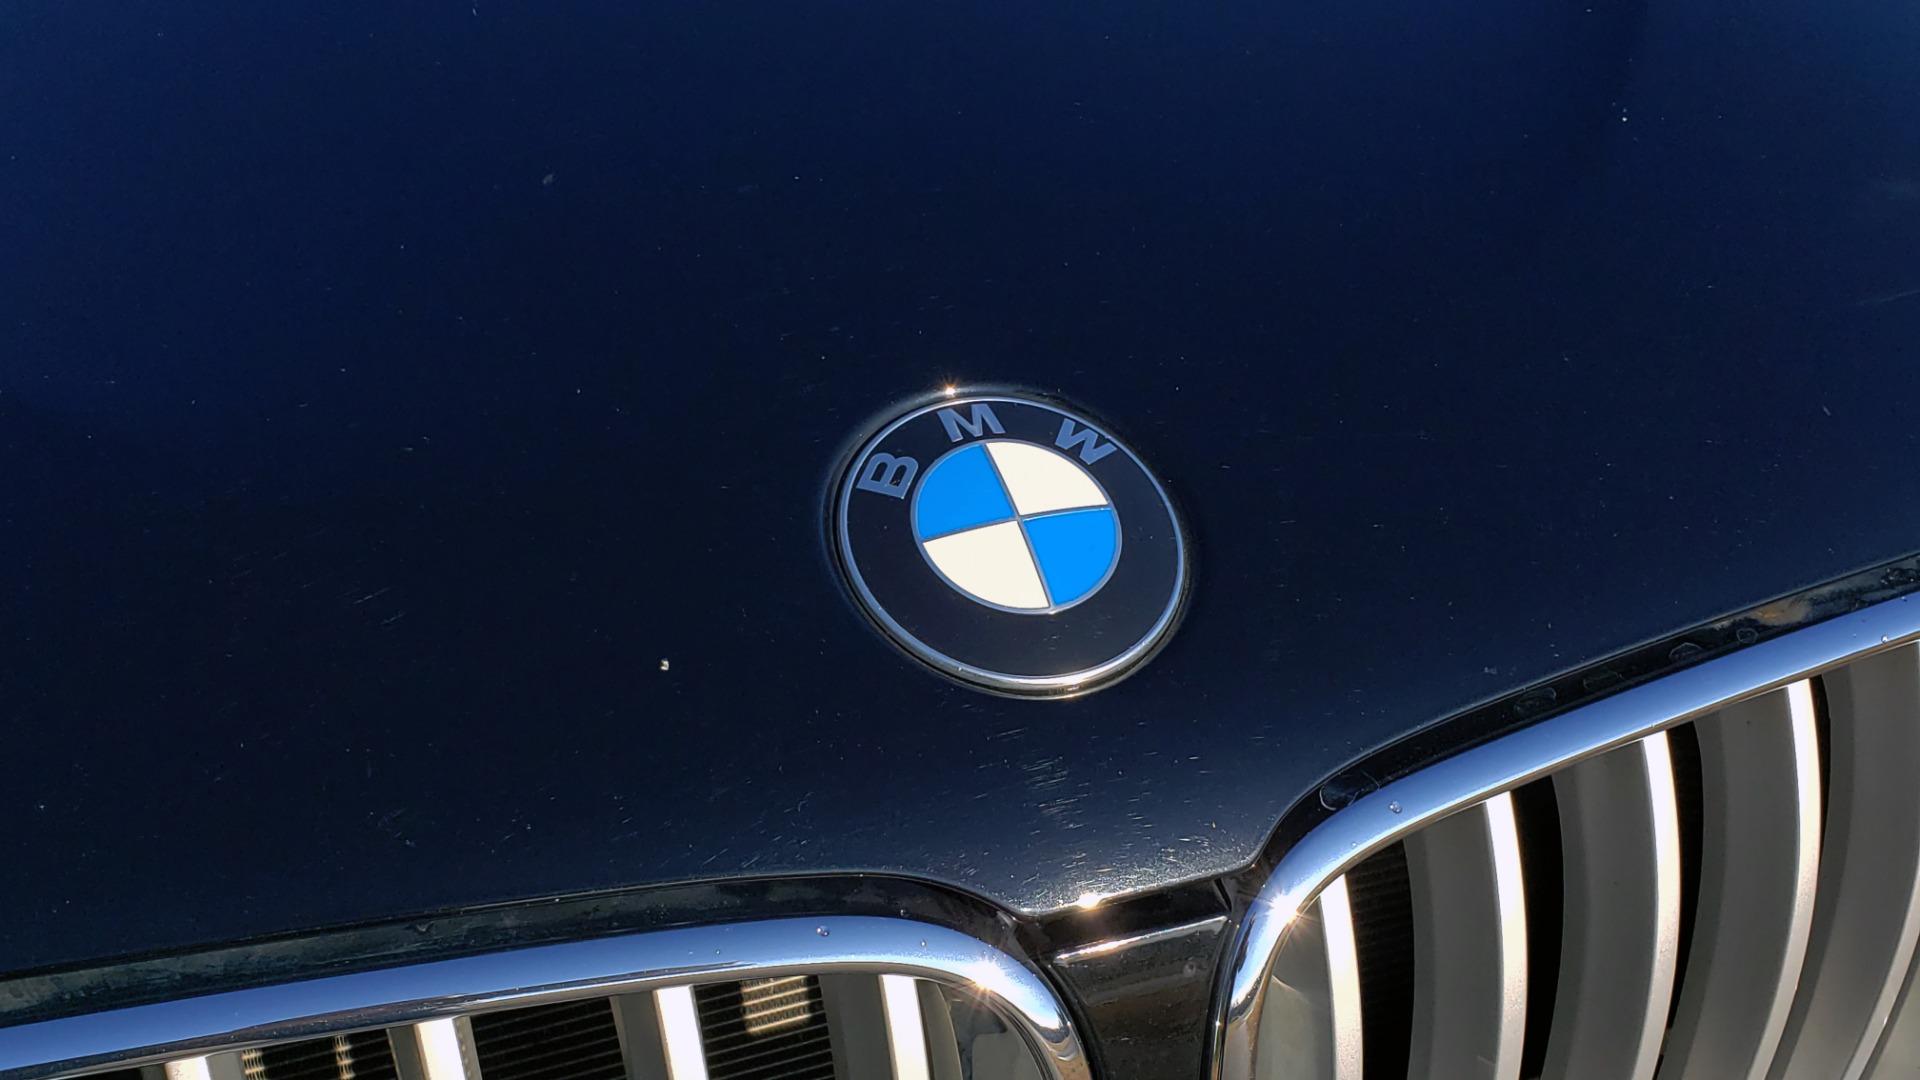 Used 2017 BMW X3 XDRIVE28I / PREM PKG / NAV / DRVR ASST / HTD STS / CAMERAS for sale Sold at Formula Imports in Charlotte NC 28227 14